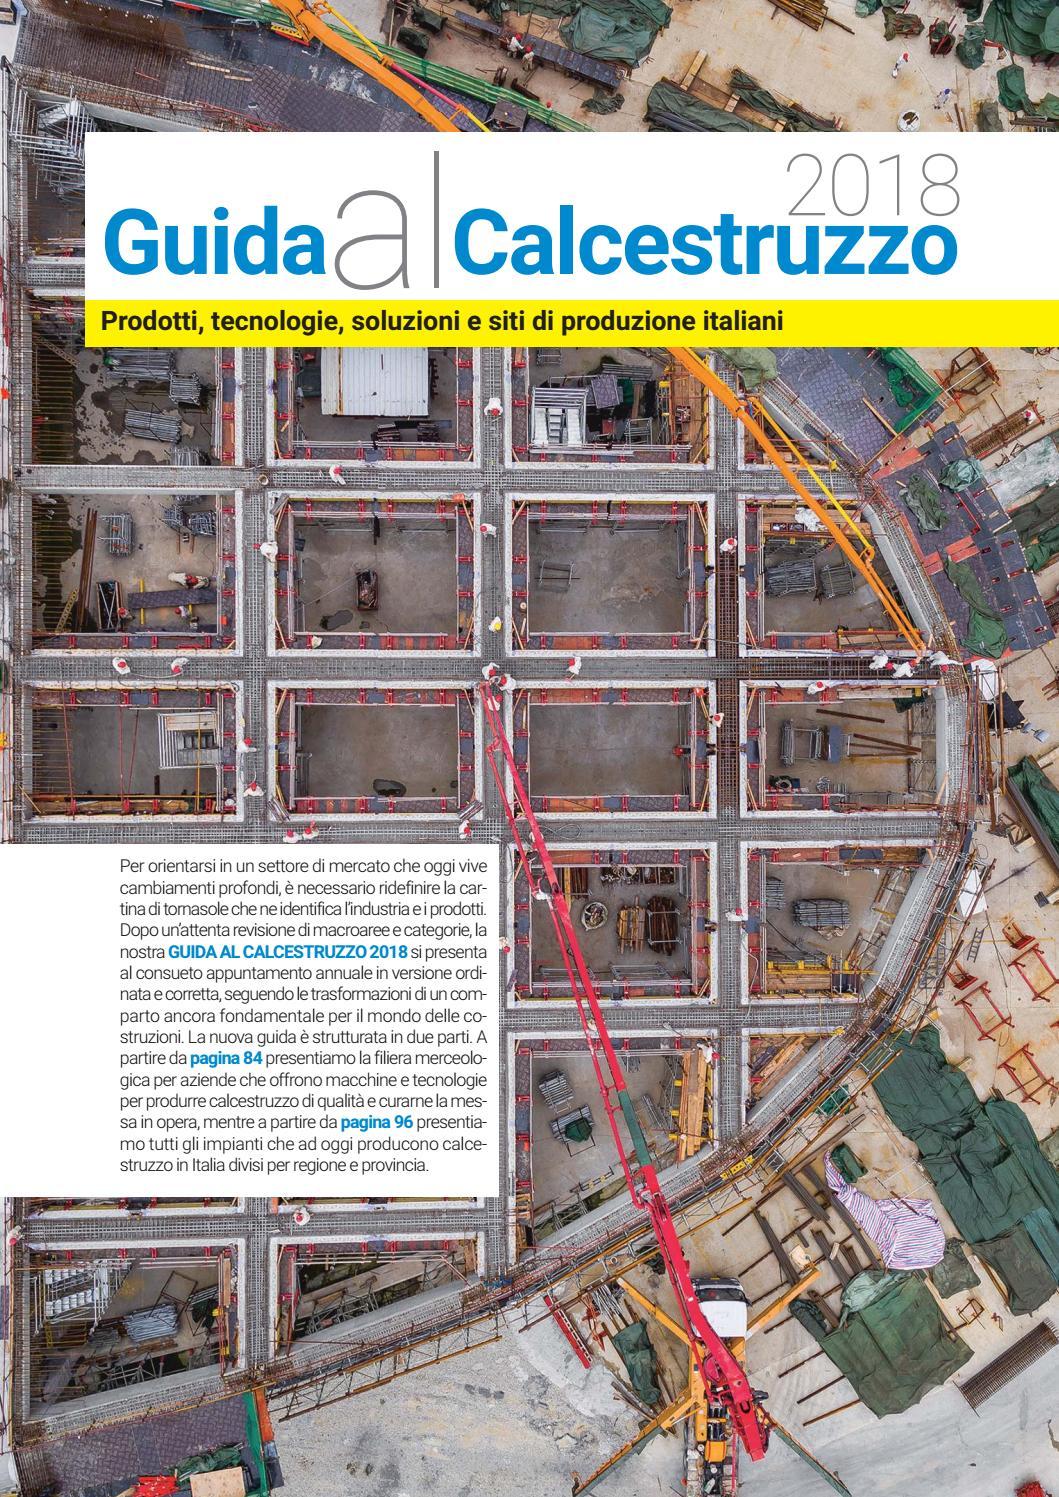 Alfa Edil Firenze Srl guida al calcestruzzo 2018 by casa editrice la fiaccola srl